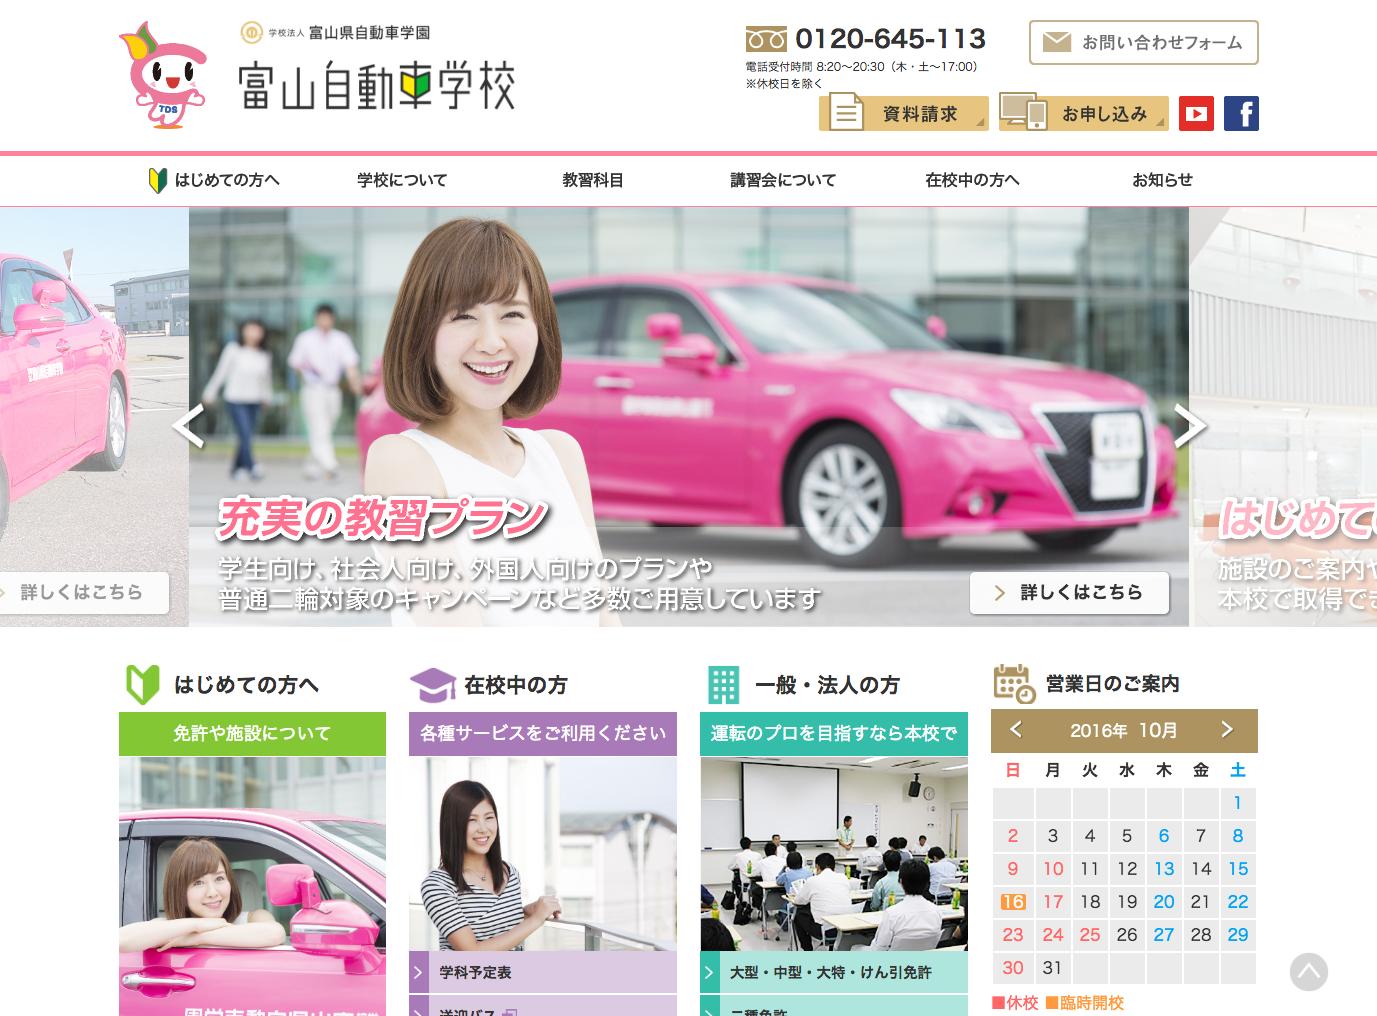 プロヴィデザイン ホームページ制作実績:富山県自動車学園